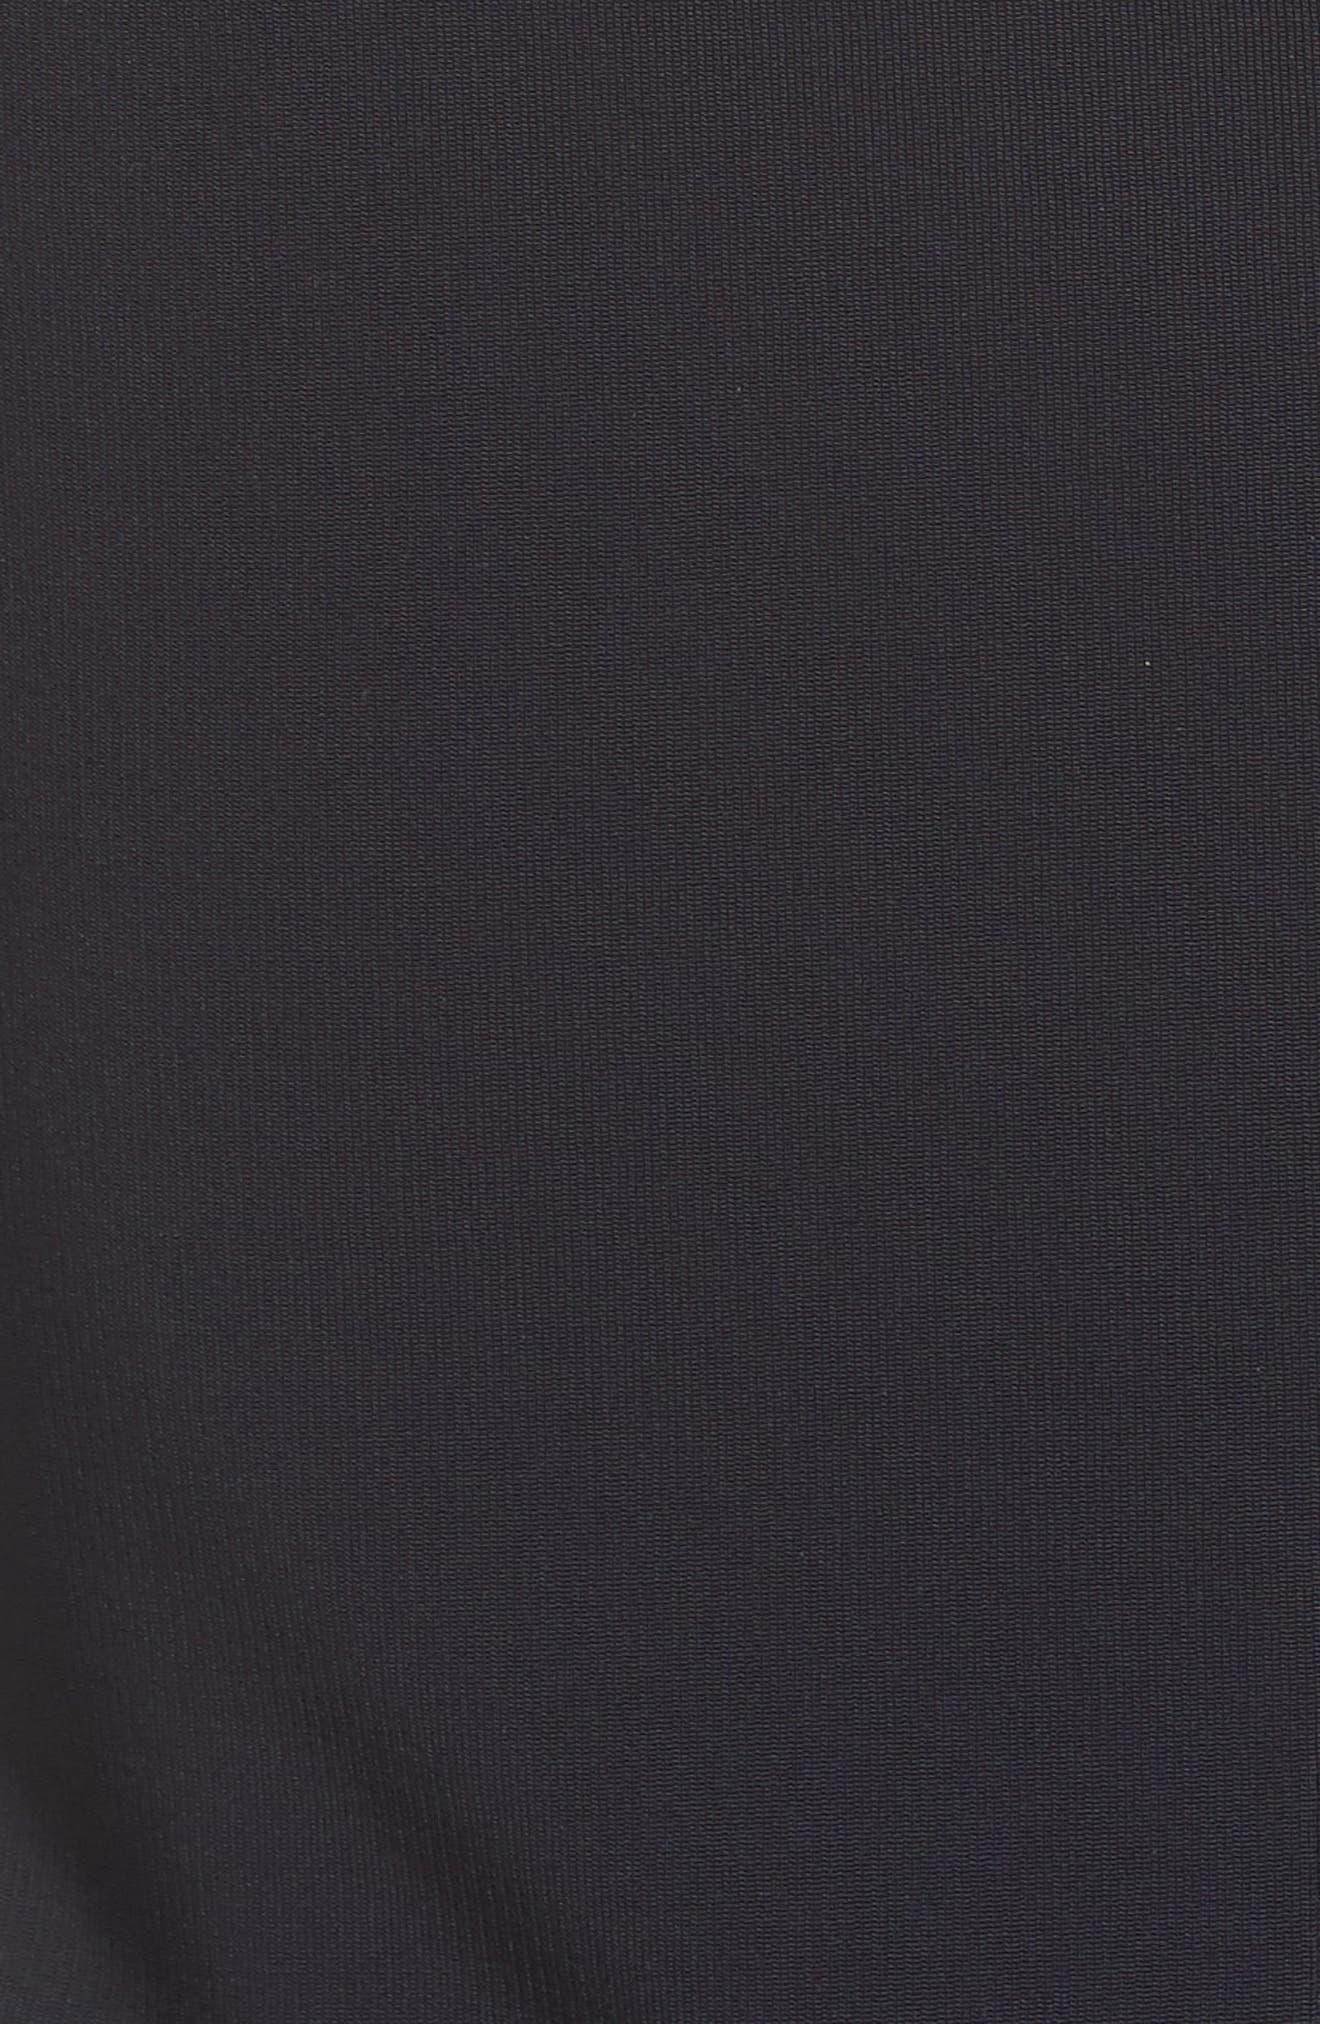 Open Back Rib Knit Dress,                             Alternate thumbnail 5, color,                             400